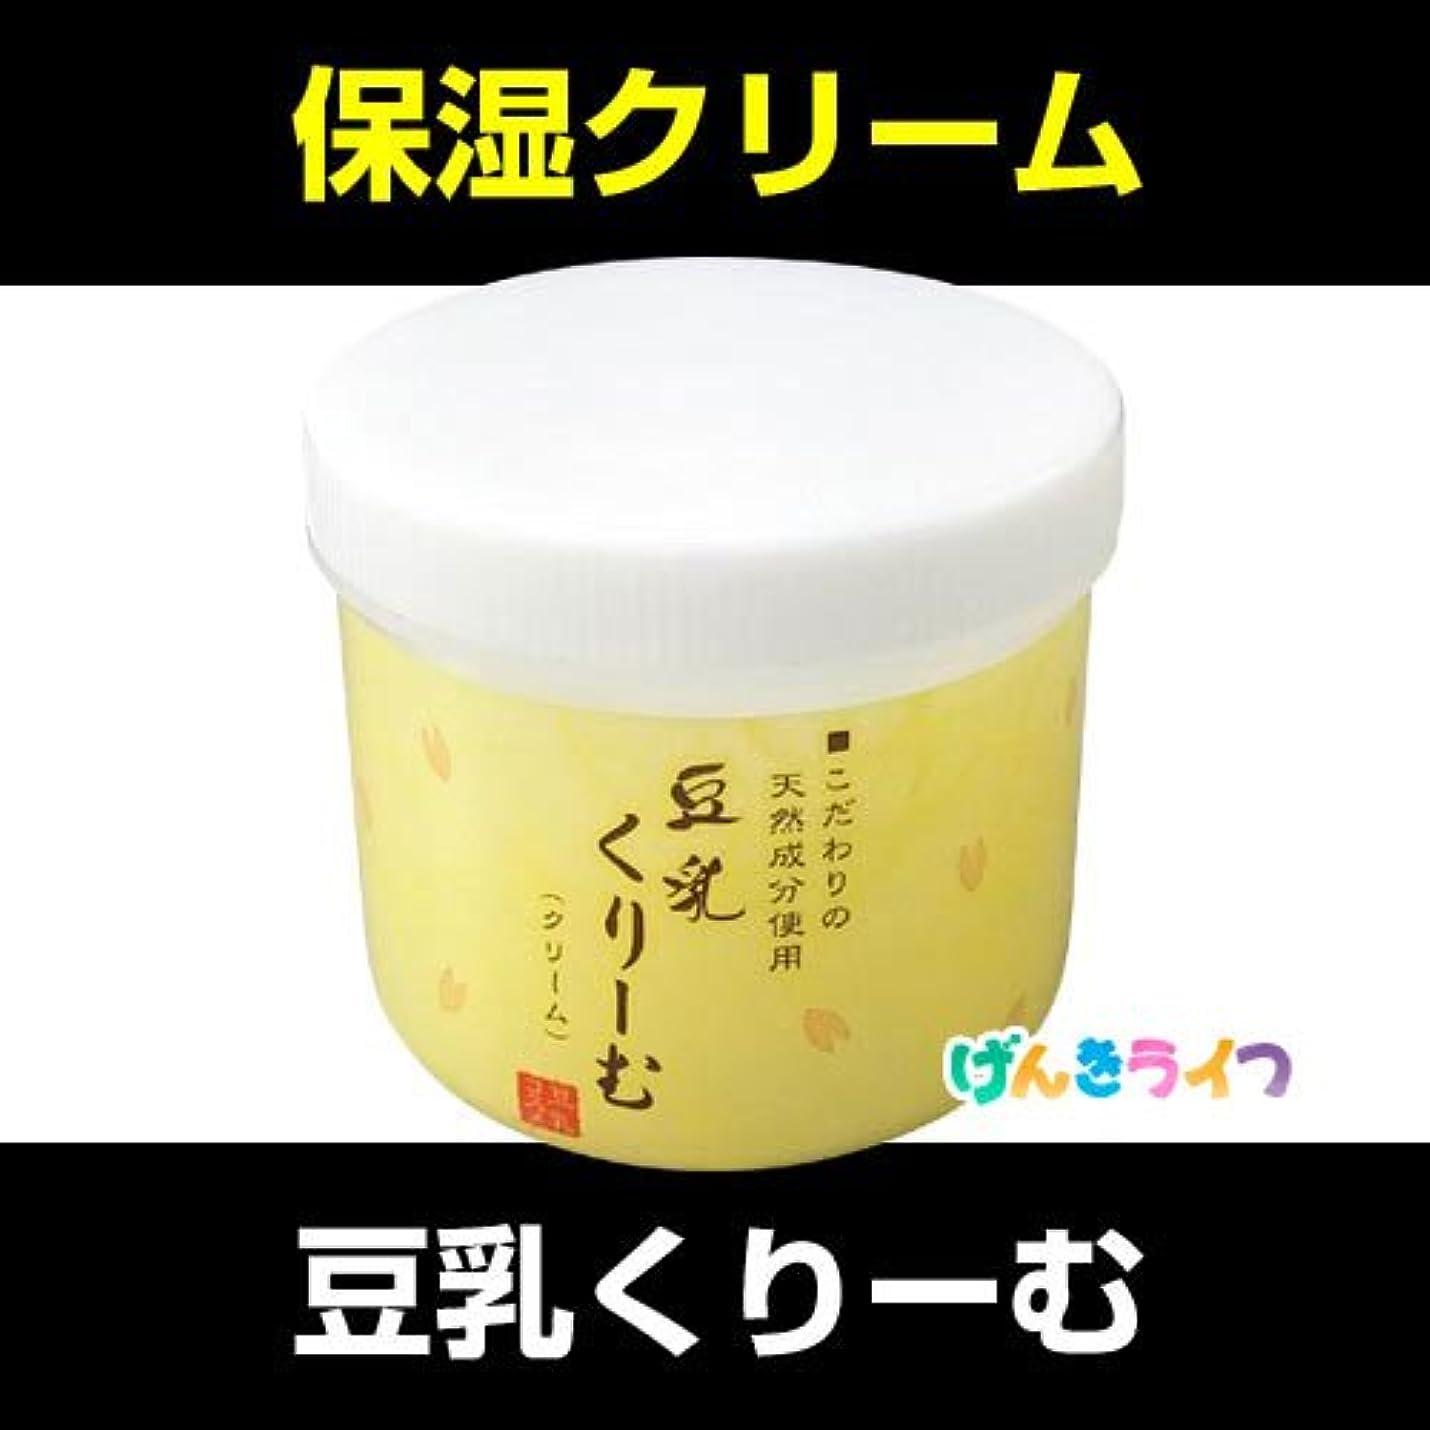 混沌作家クーポン吉野ふじや謹製 とうにゅうくりーむ(豆乳クリーム)【3個】